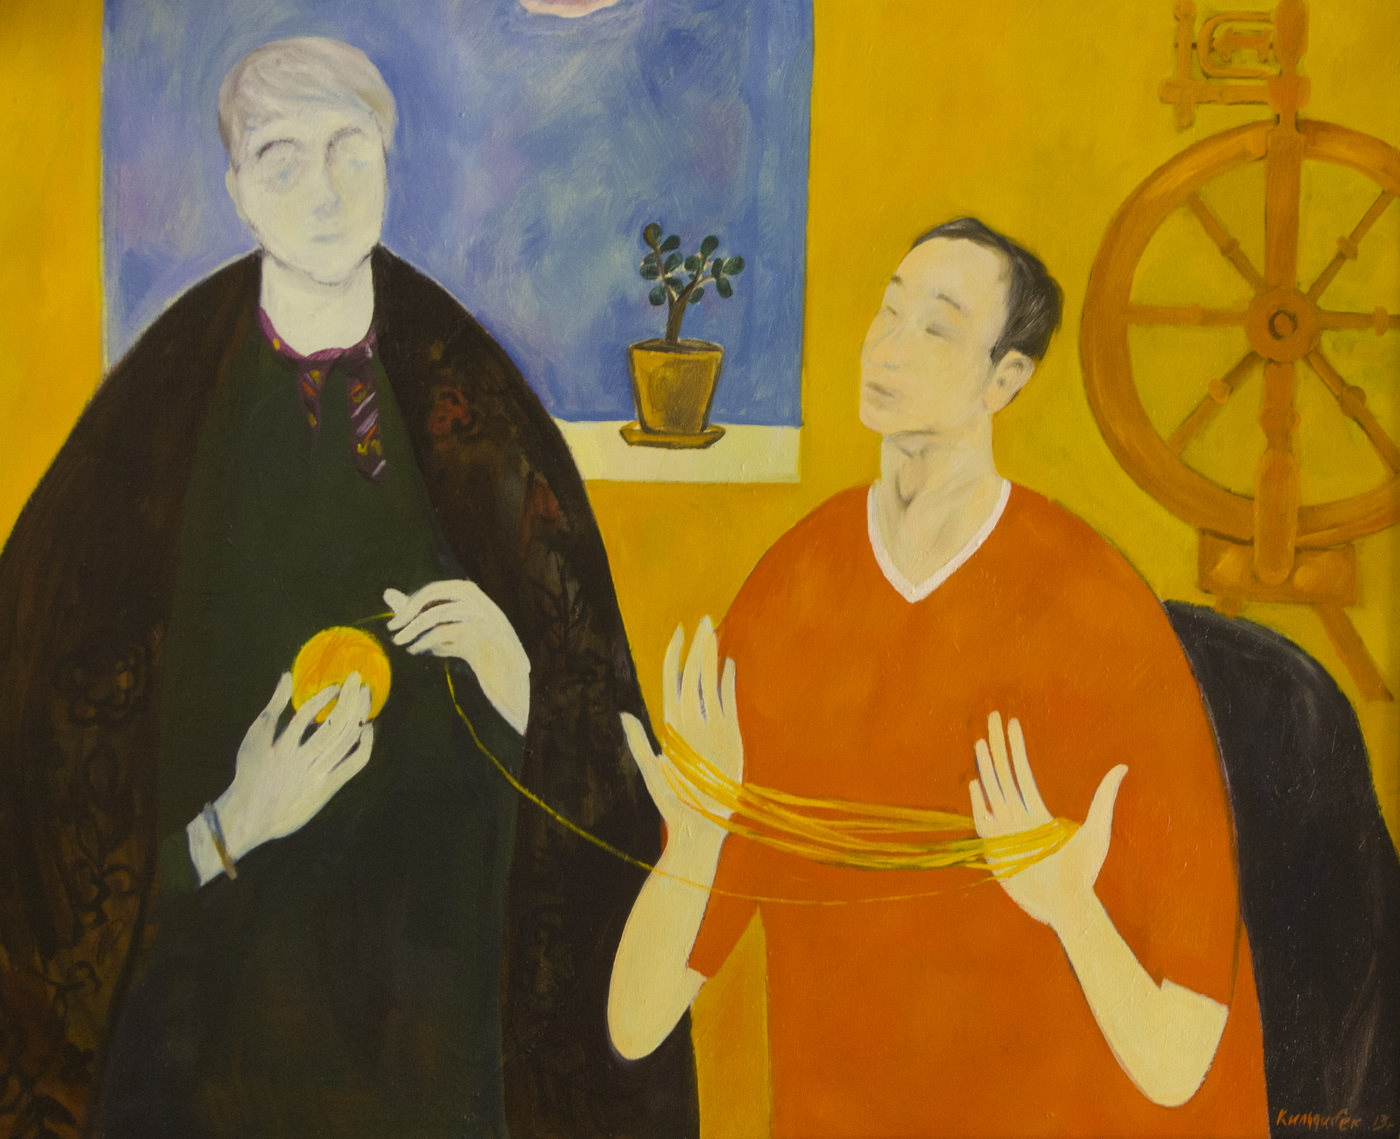 Кильдибеков Р.А. «Вдвоем» (Автопортрет с супругой). Собрание ГМИИ РТ